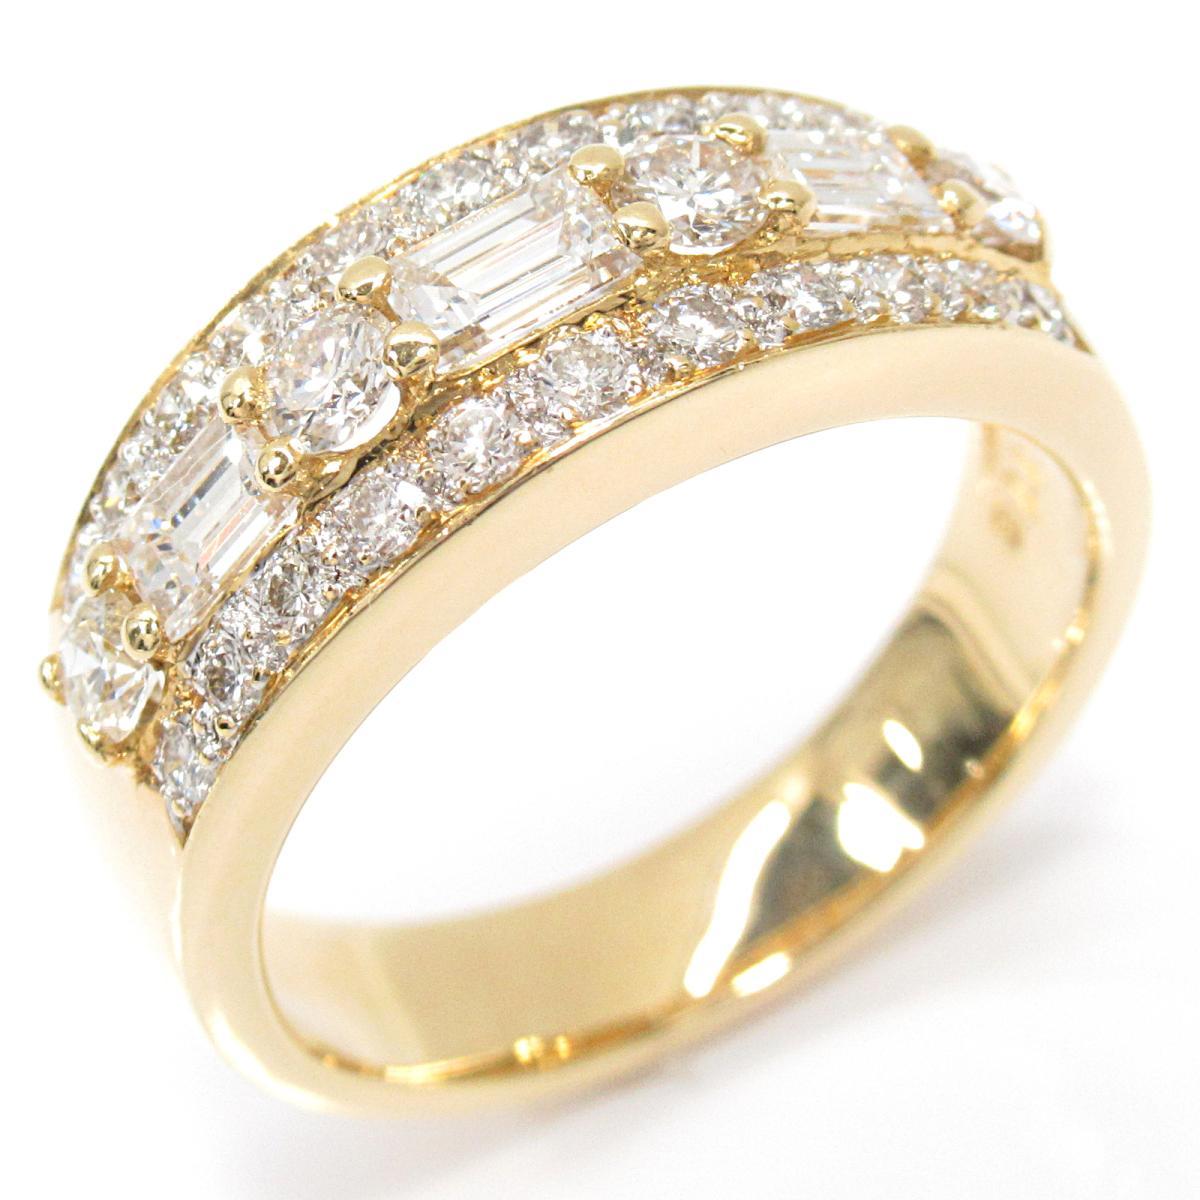 【中古】 ジュエリー ダイヤモンドリング 指輪 レディース K18YG (750) イエローゴールド x ダイヤモンド (1.16ct)   JEWELRY BRANDOFF ブランドオフ ブランド アクセサリー リング